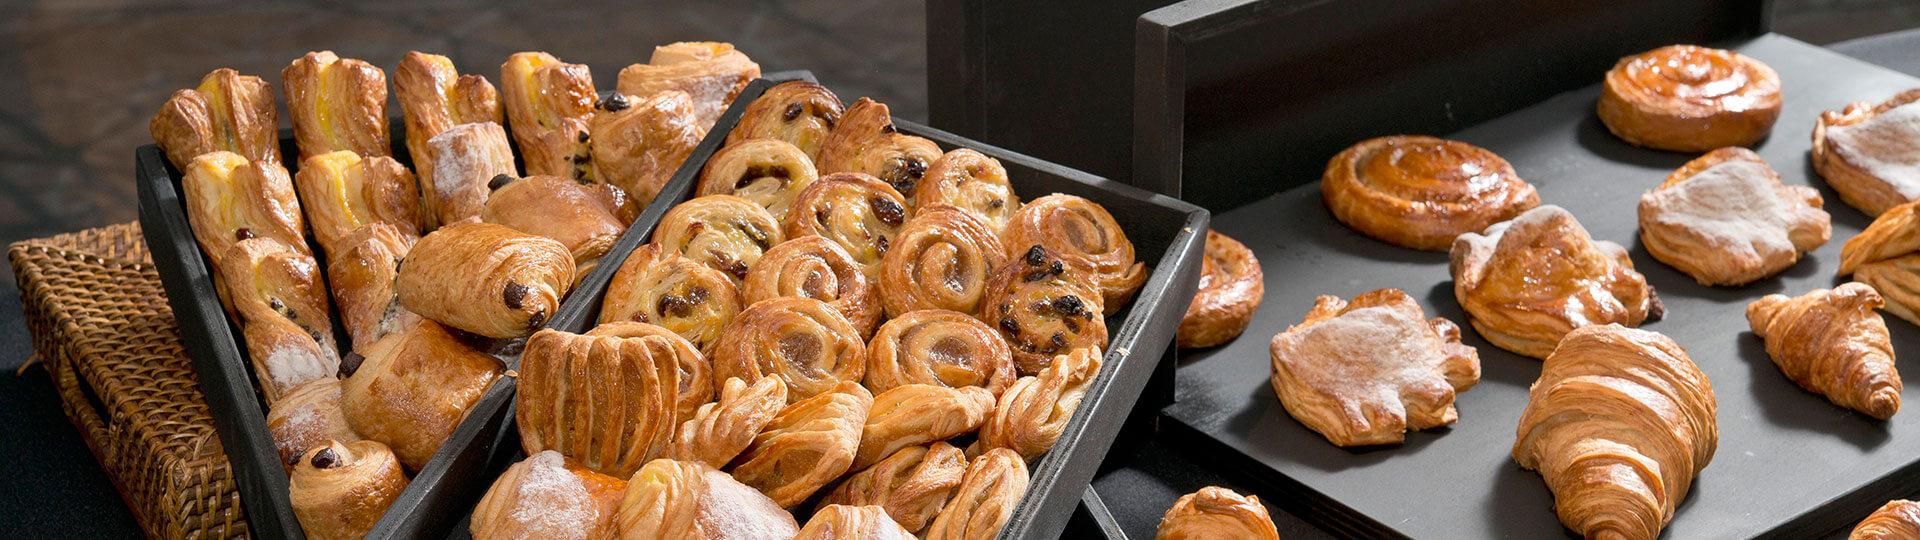 BakeArt: frozen bakery products